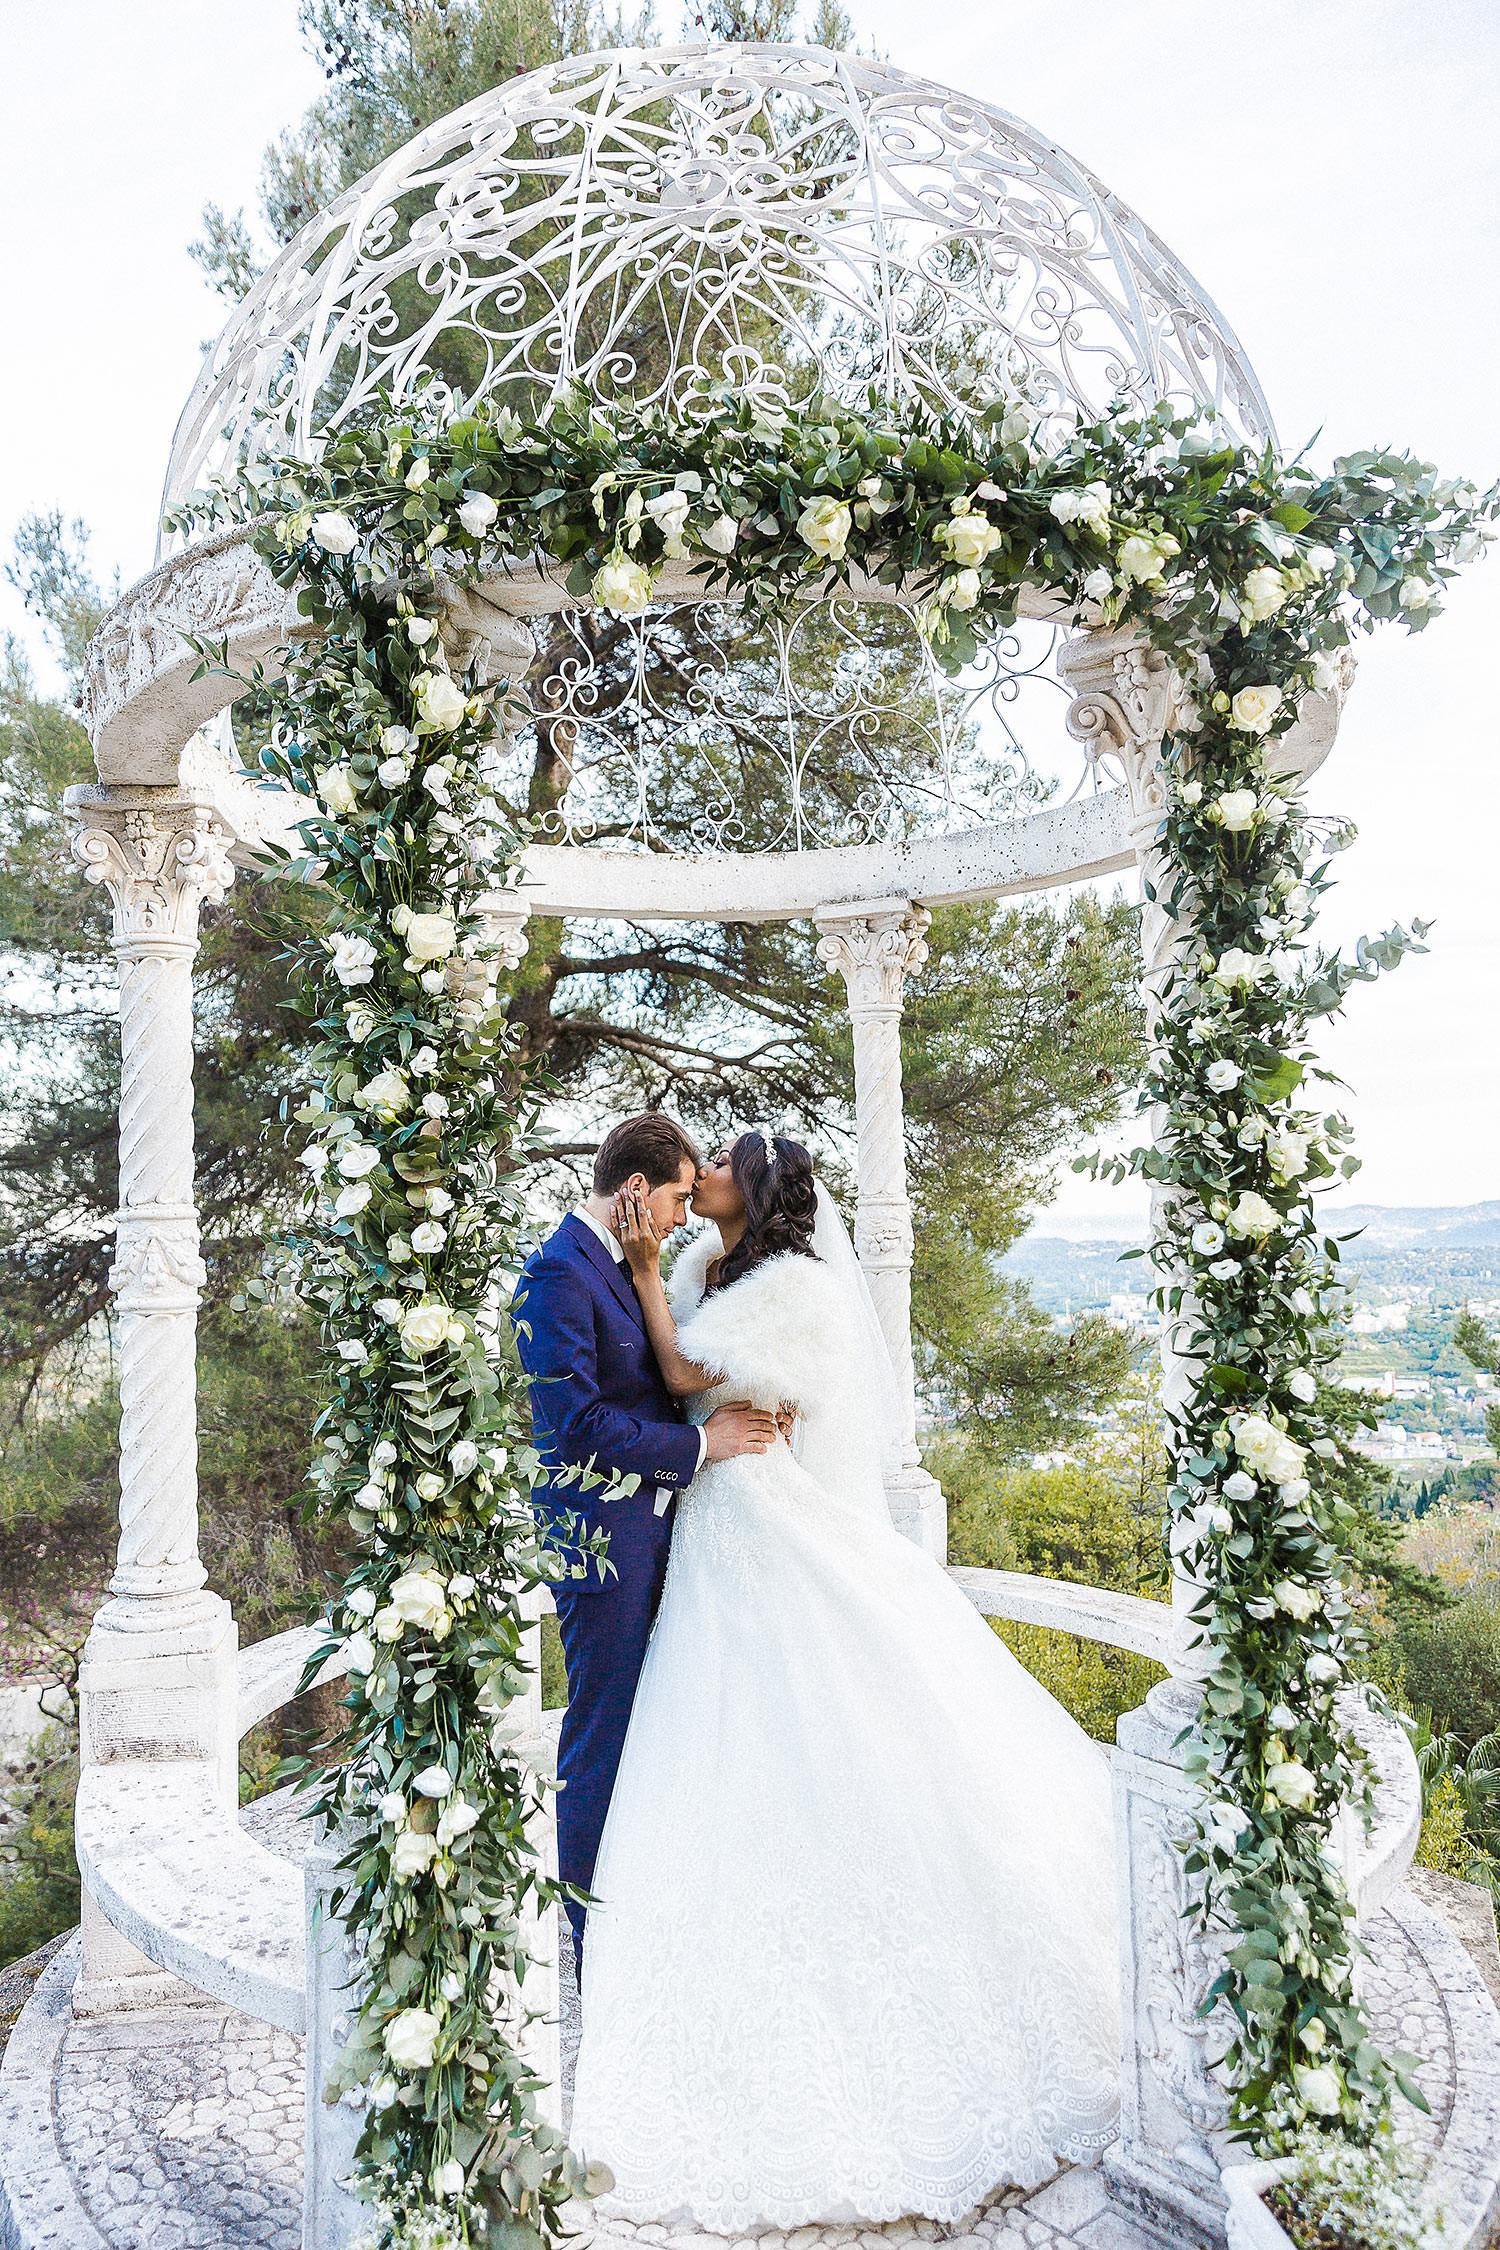 Christian et Nancy en photo de couple dans la rotonde du château - Alliance rêvée